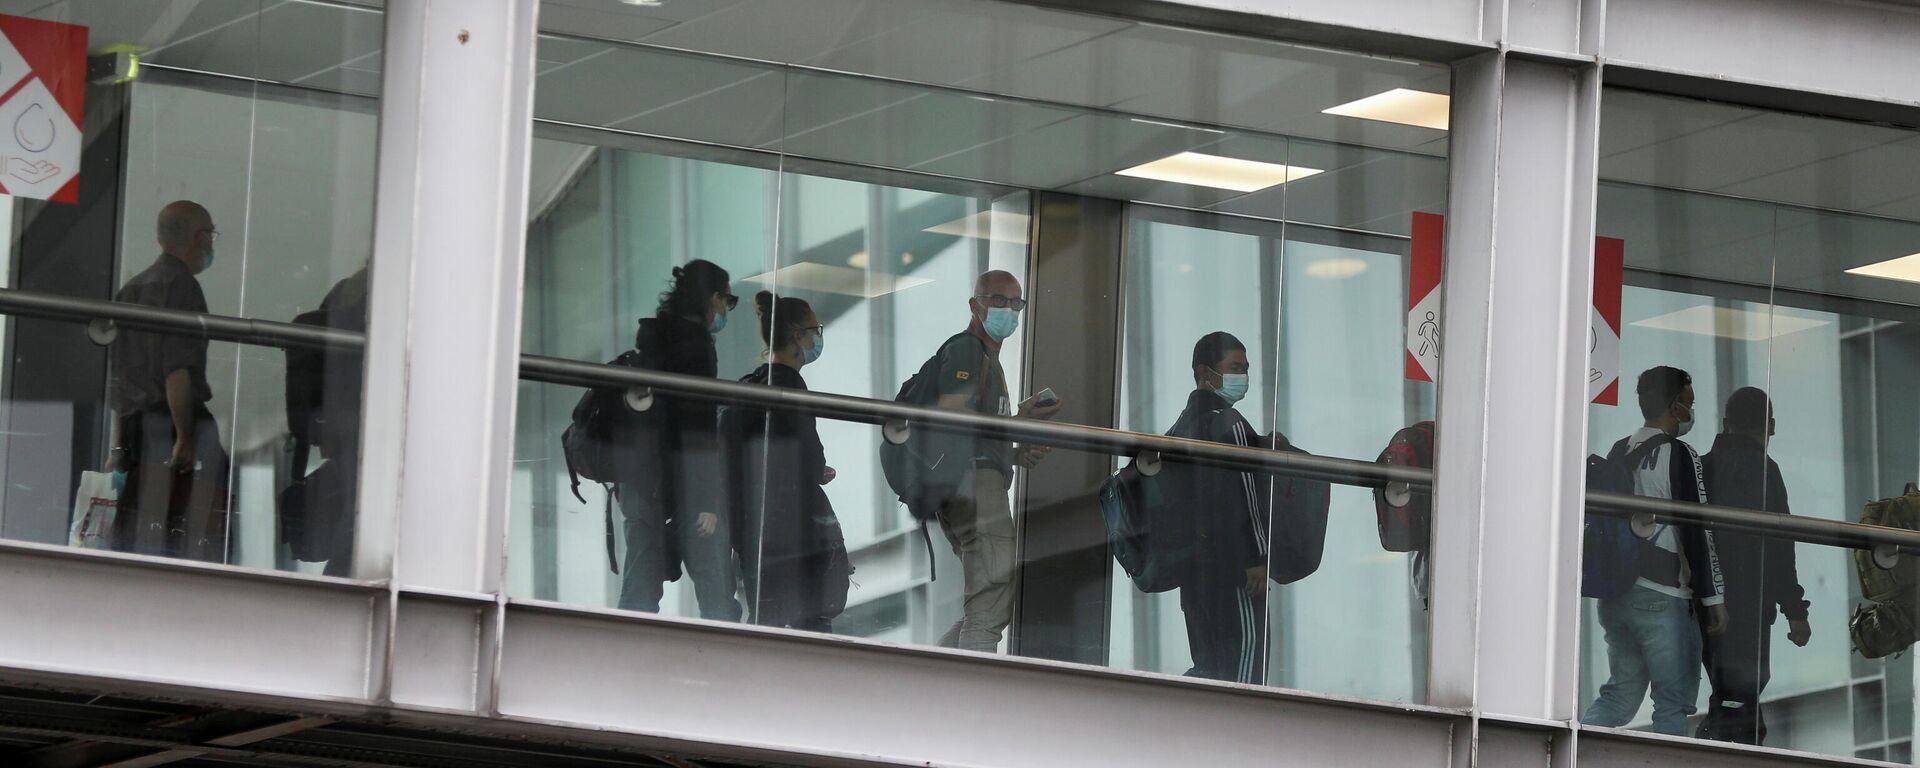 Las personas evacuadas de Afganistán llegan al aeropuerto Roissy Charles-de-Gaulle, París, Francia, el 17 de agosto de 2021 - Sputnik Mundo, 1920, 25.08.2021